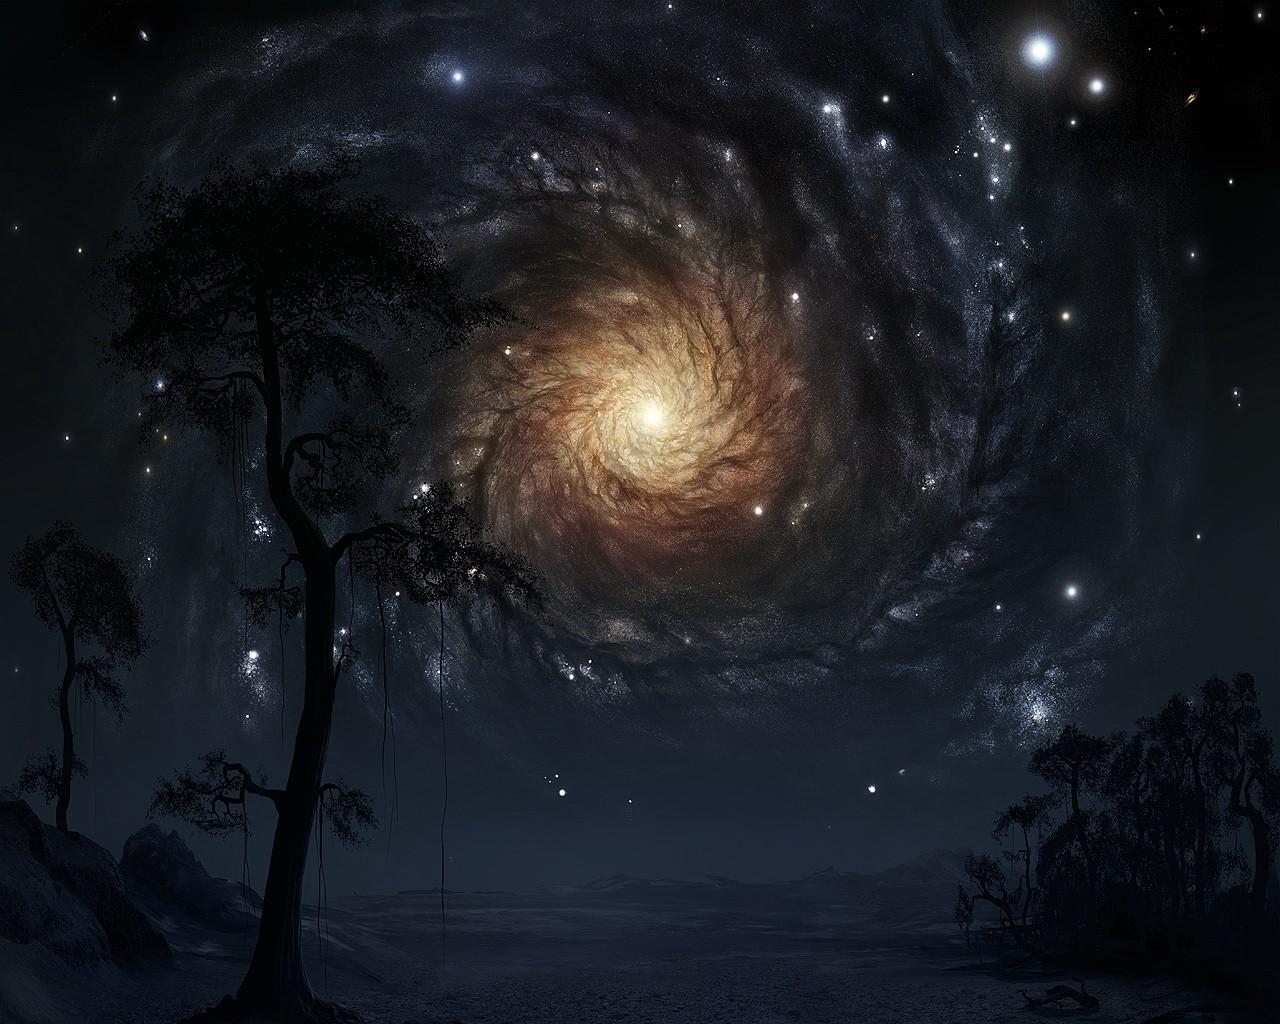 космос мистические картинки холсте